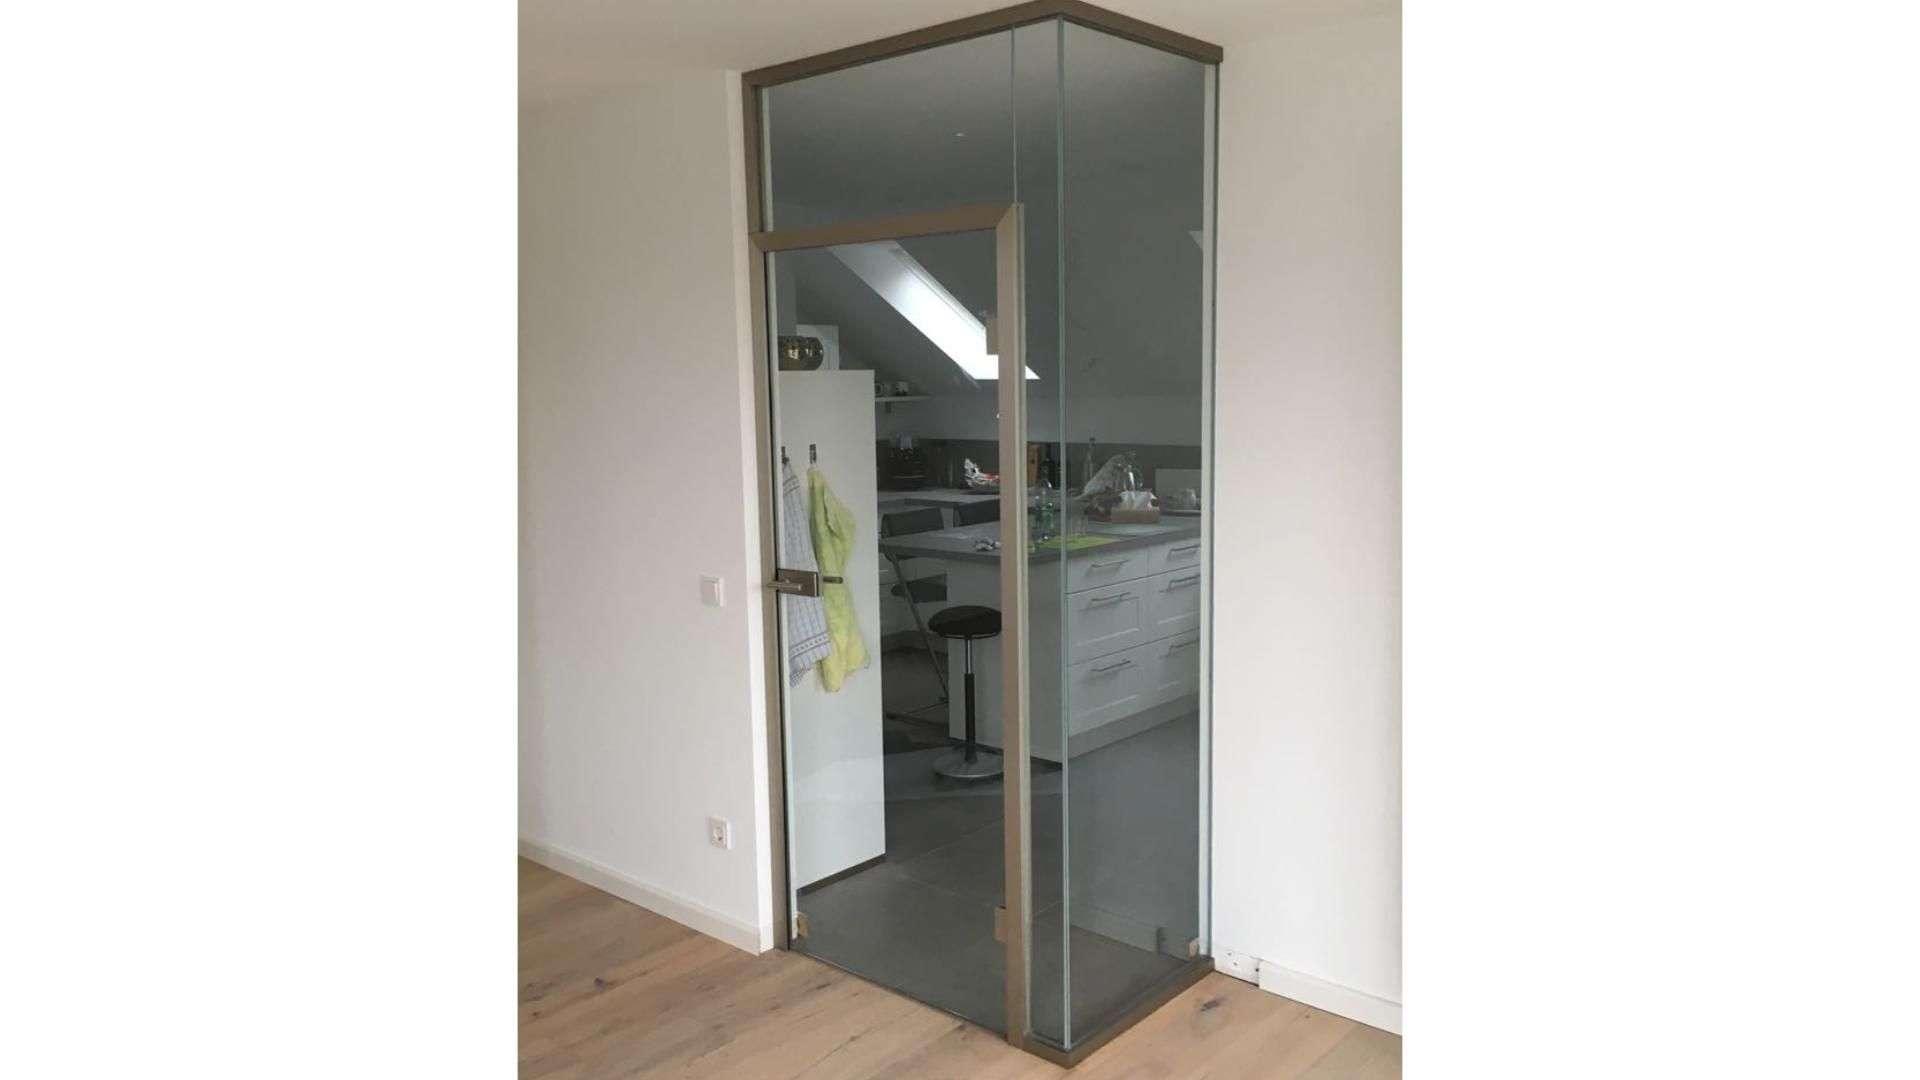 Drehtür aus Glas vor einer Küche